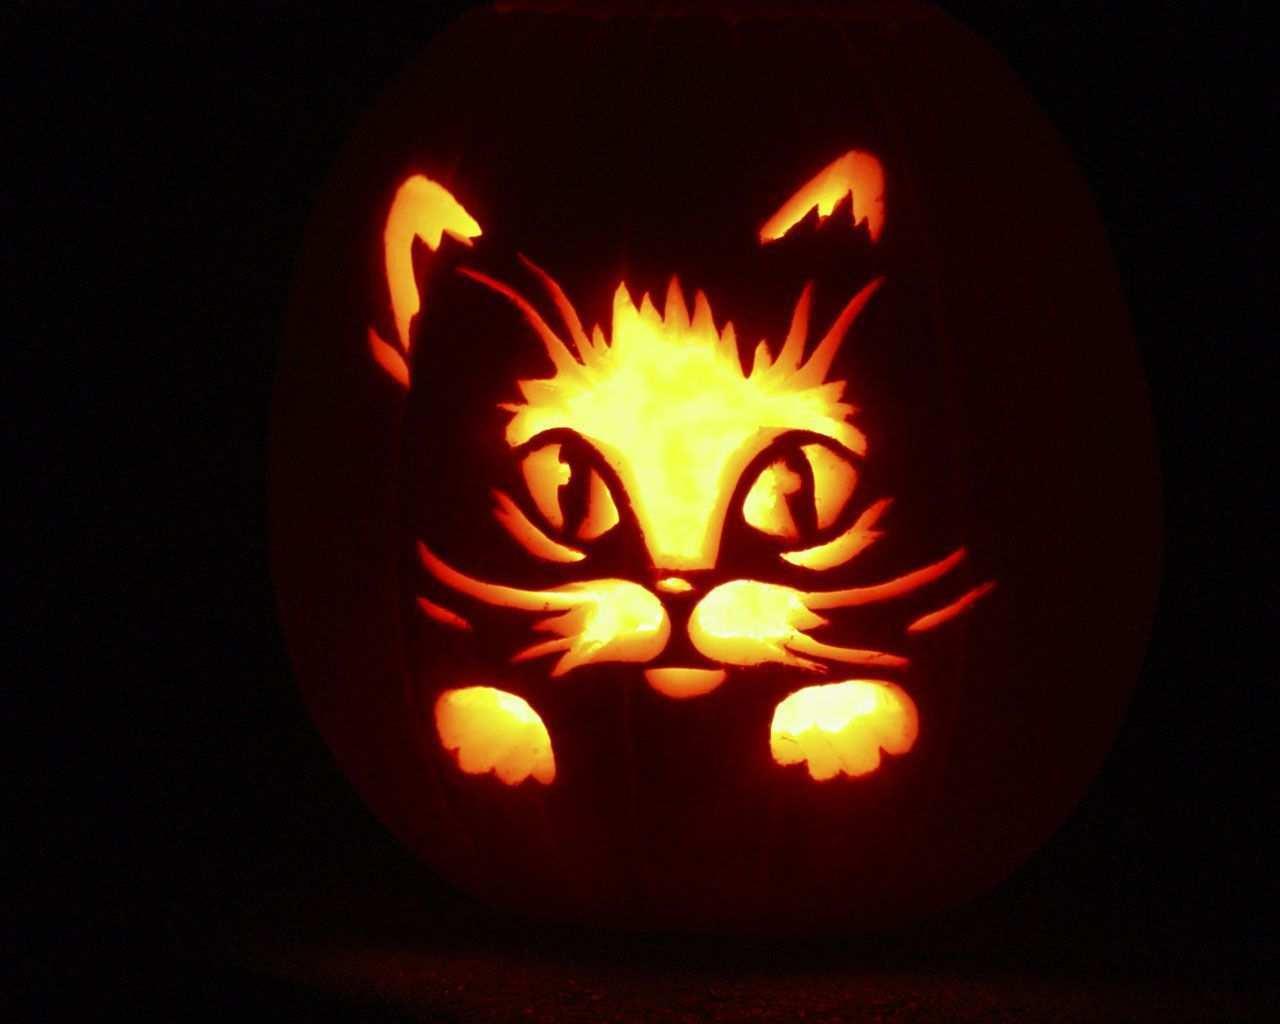 Have A Happy Haunted Halloween Halloweenbackgroundswallpapers Funny Hallowe Kurbis Schnitzen Vorlage Katze Katze Kurbis Schnitzen Halloween Kurbis Schnitzen